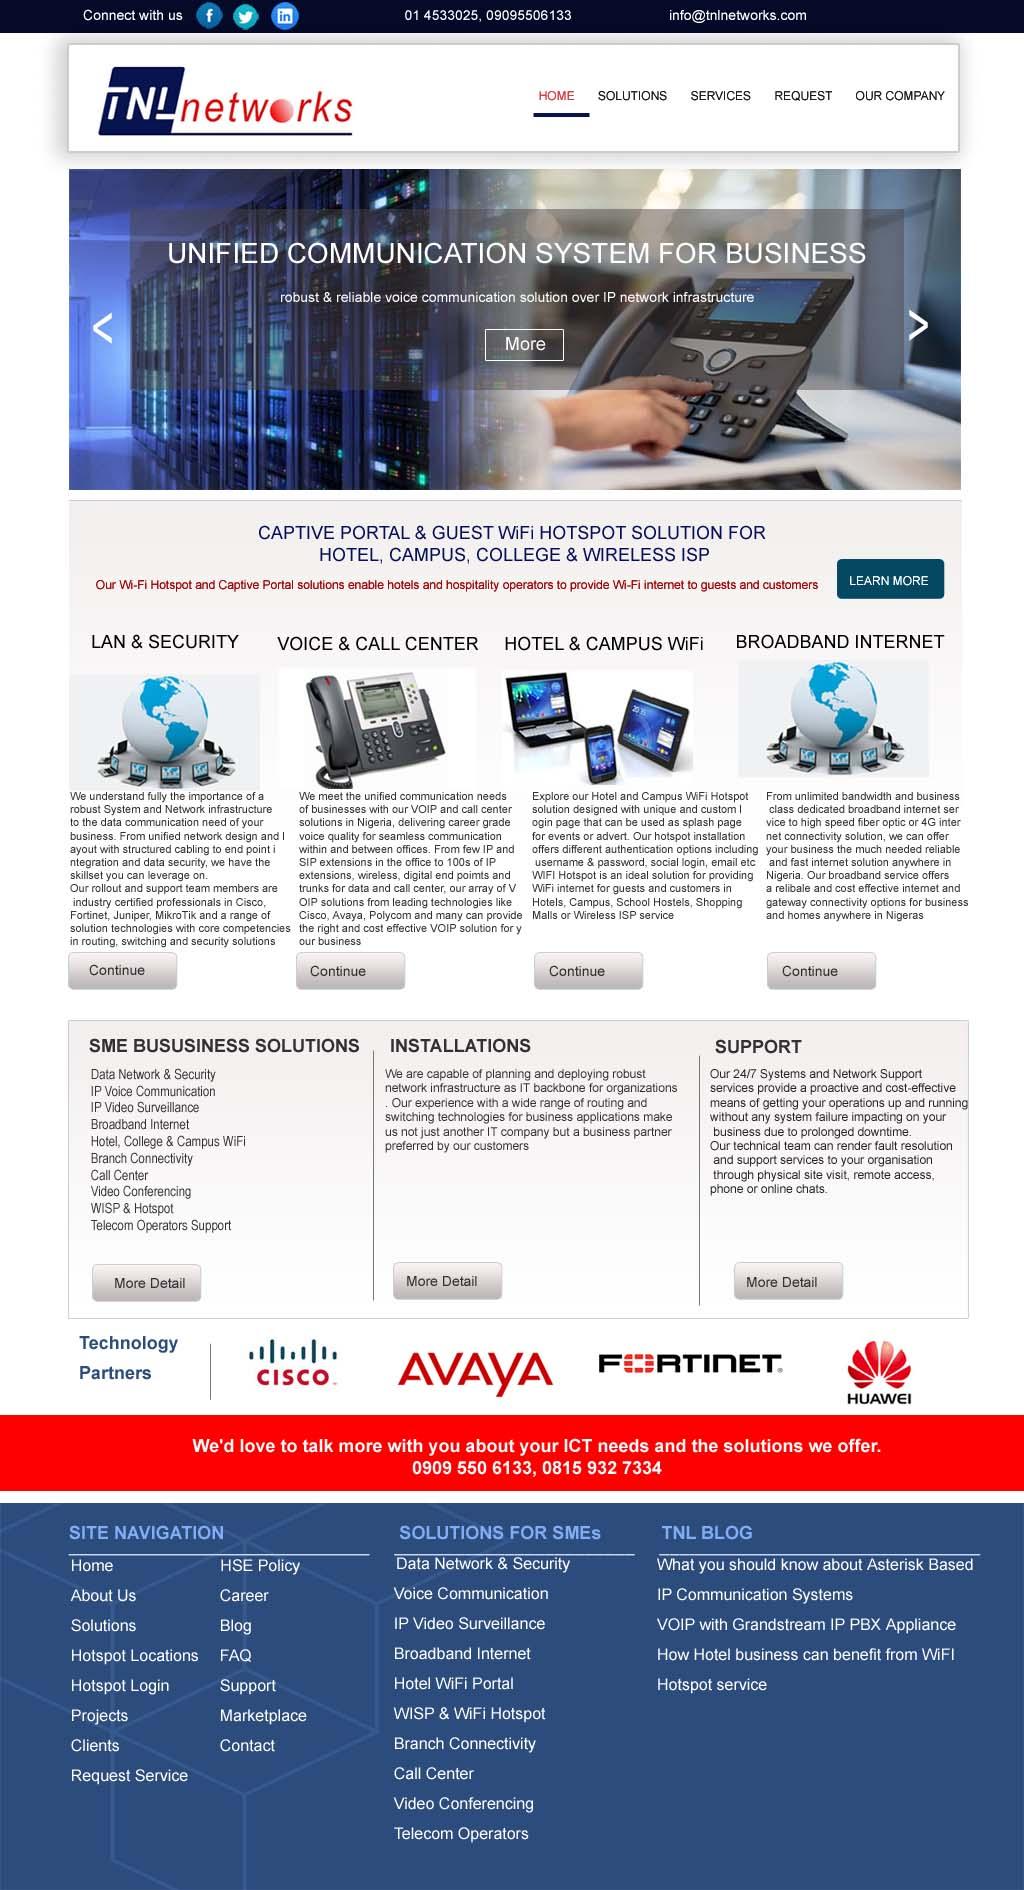 tnl networks website design